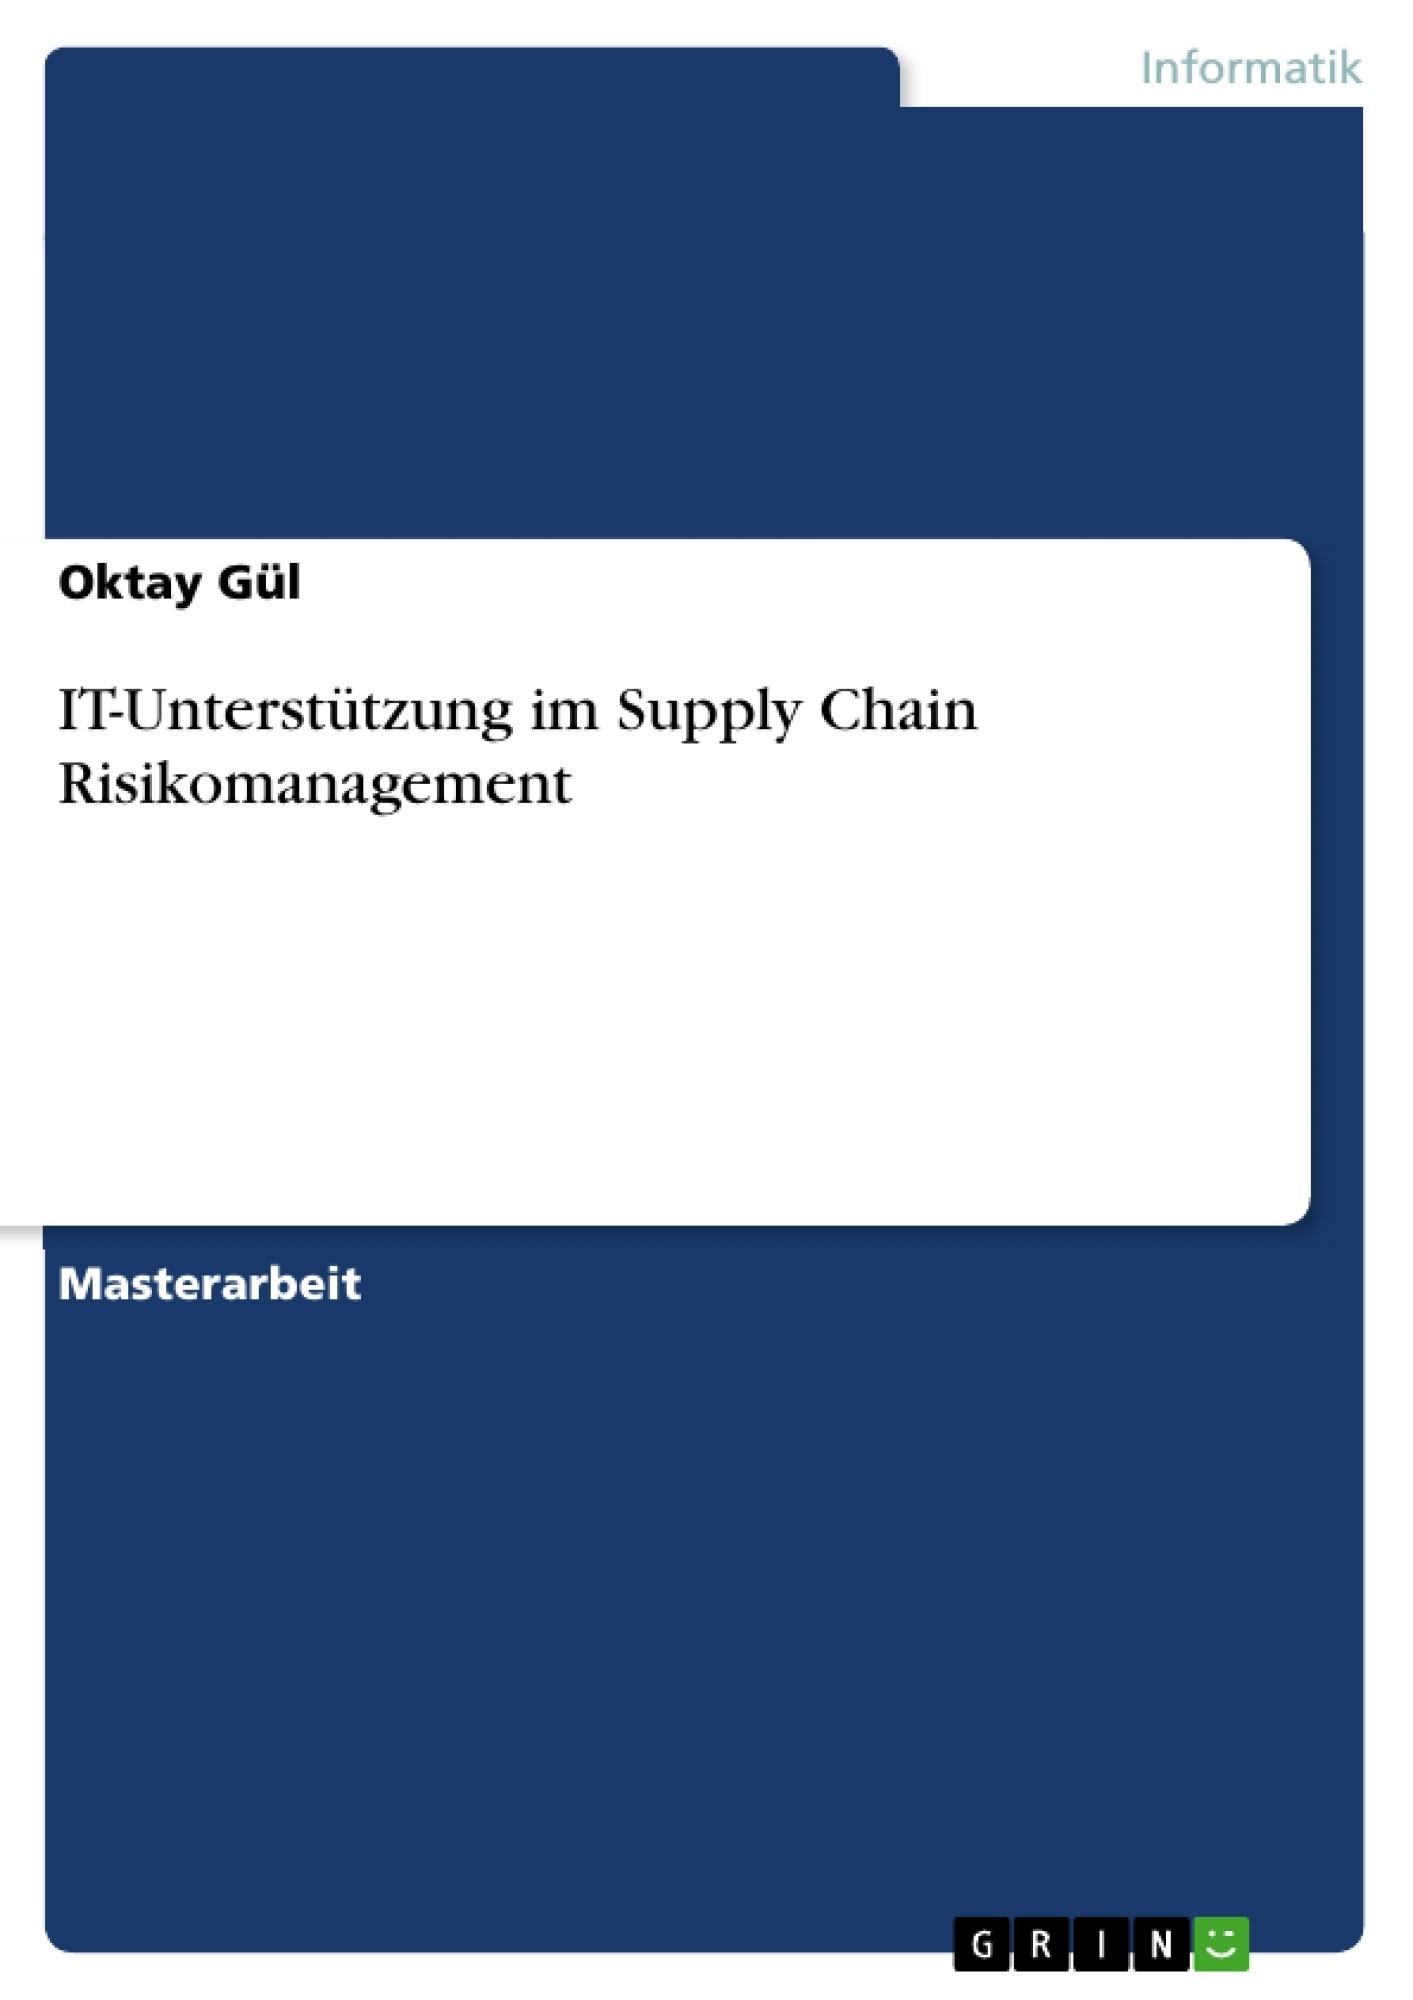 Titel: IT-Unterstützung im Supply Chain Risikomanagement